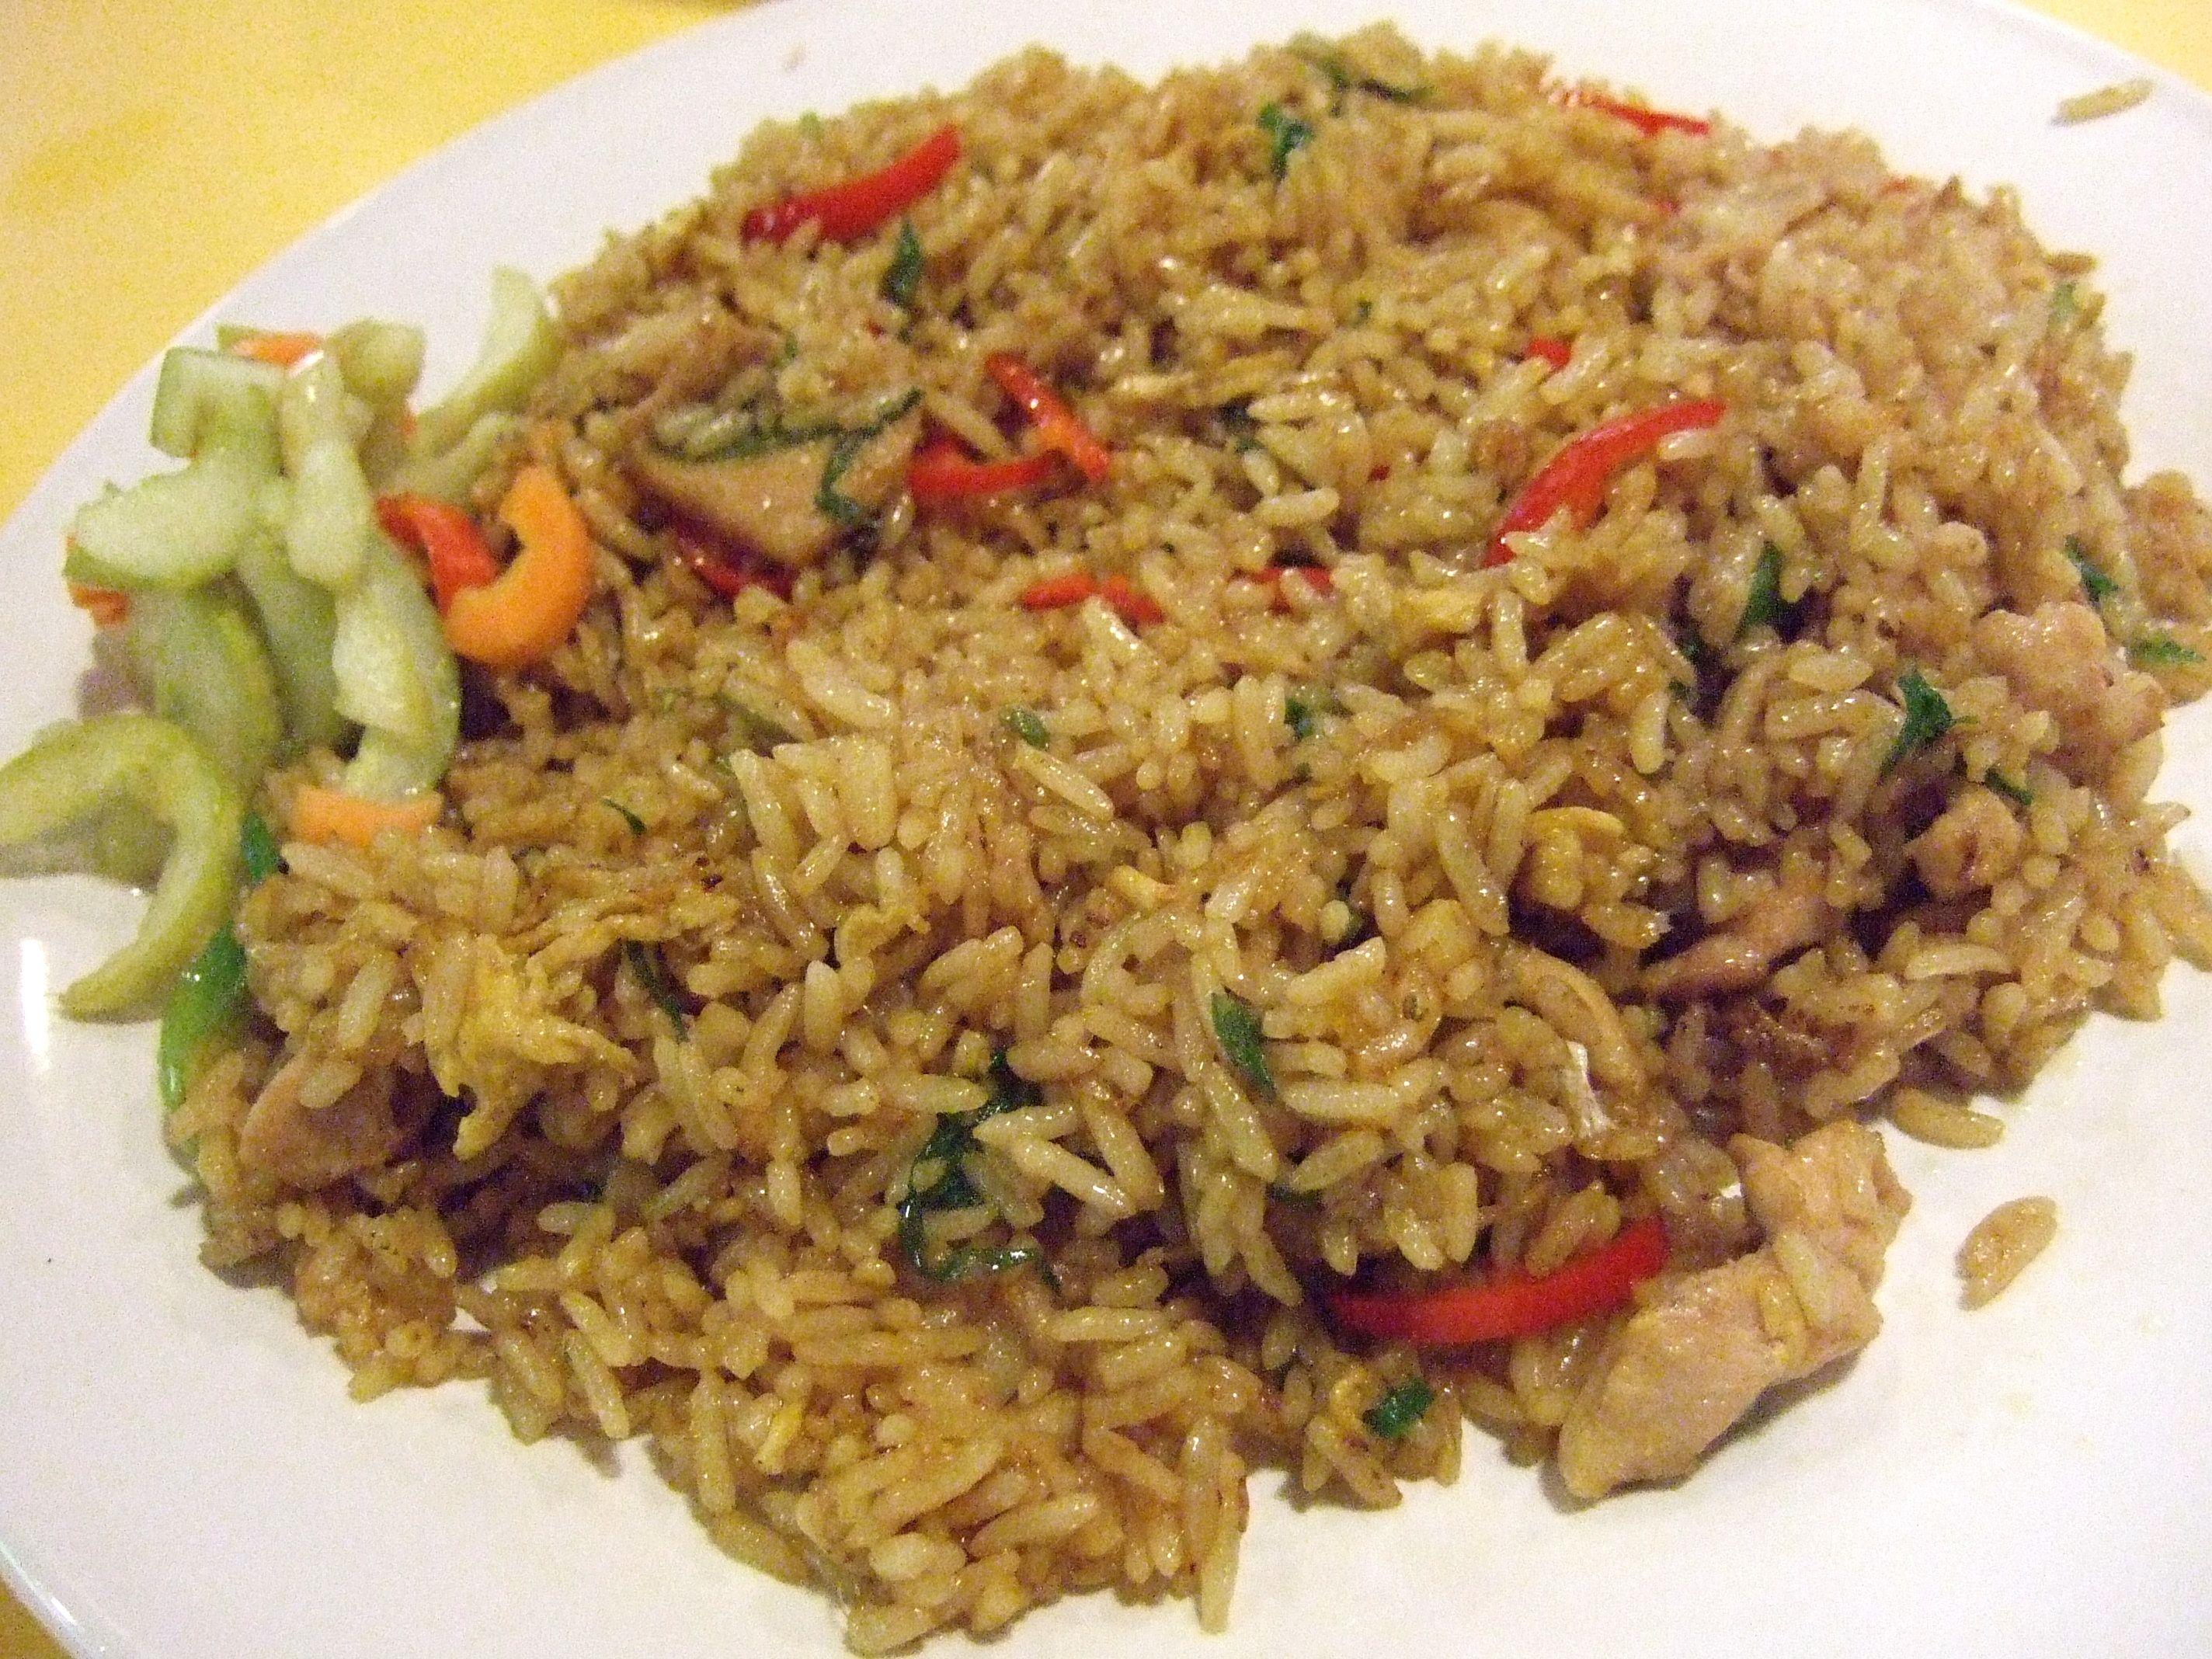 Nasi Goreng Baik Di Indonesia Maupun Di Negara Negara Lain Dapat Memiliki Variasi Tersendiri Tergantung Dari Da Resep Sederhana Resep Makanan India Nasi Goreng